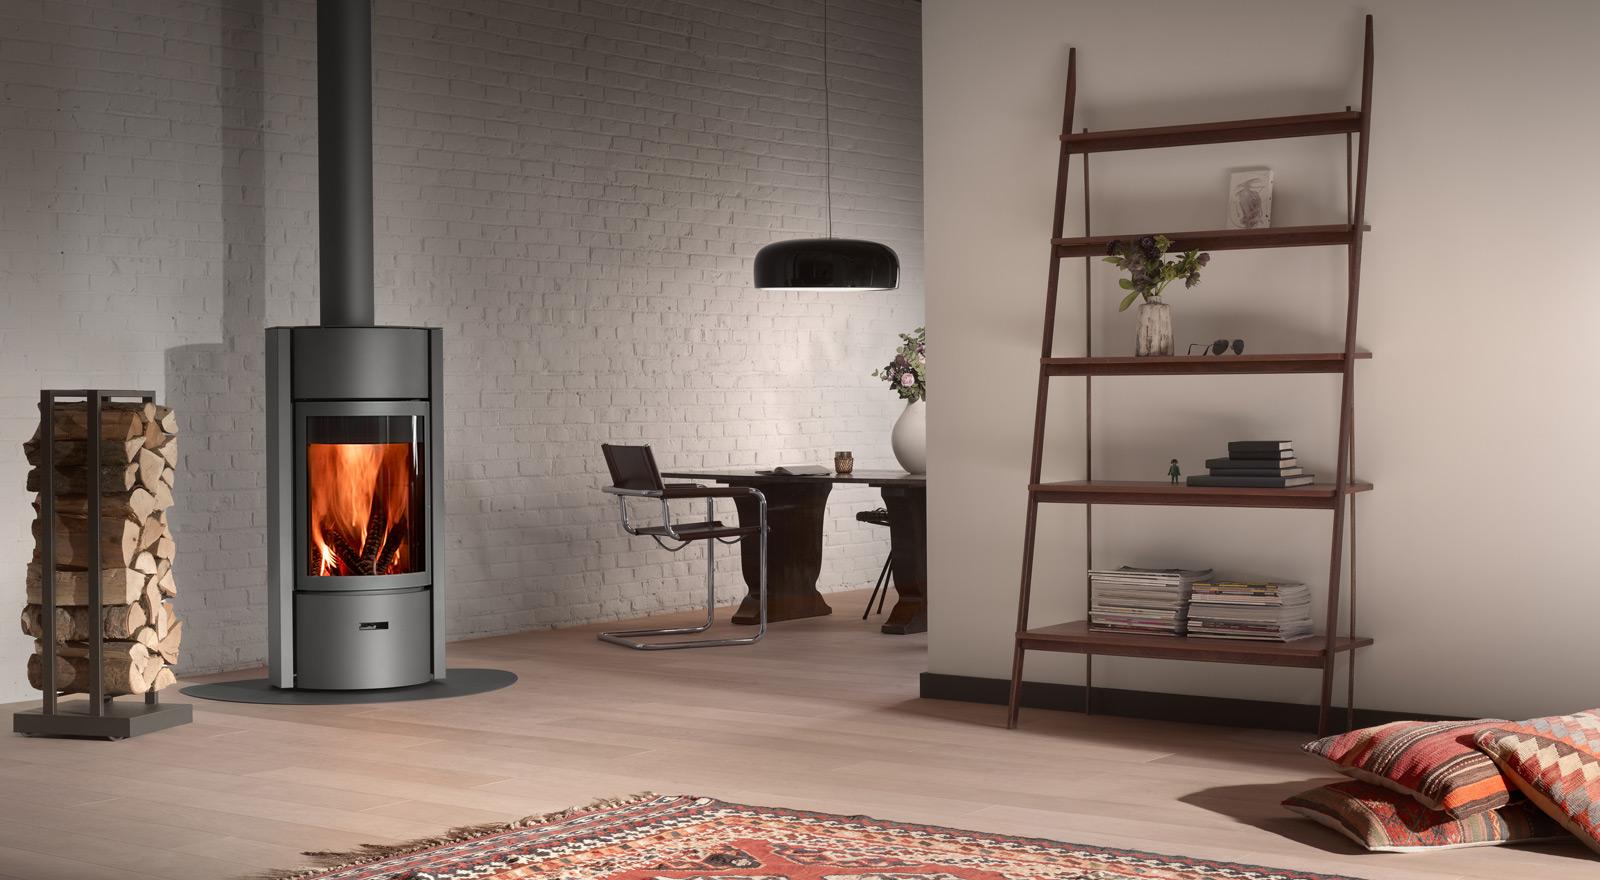 st v 30 wood burning stoves. Black Bedroom Furniture Sets. Home Design Ideas